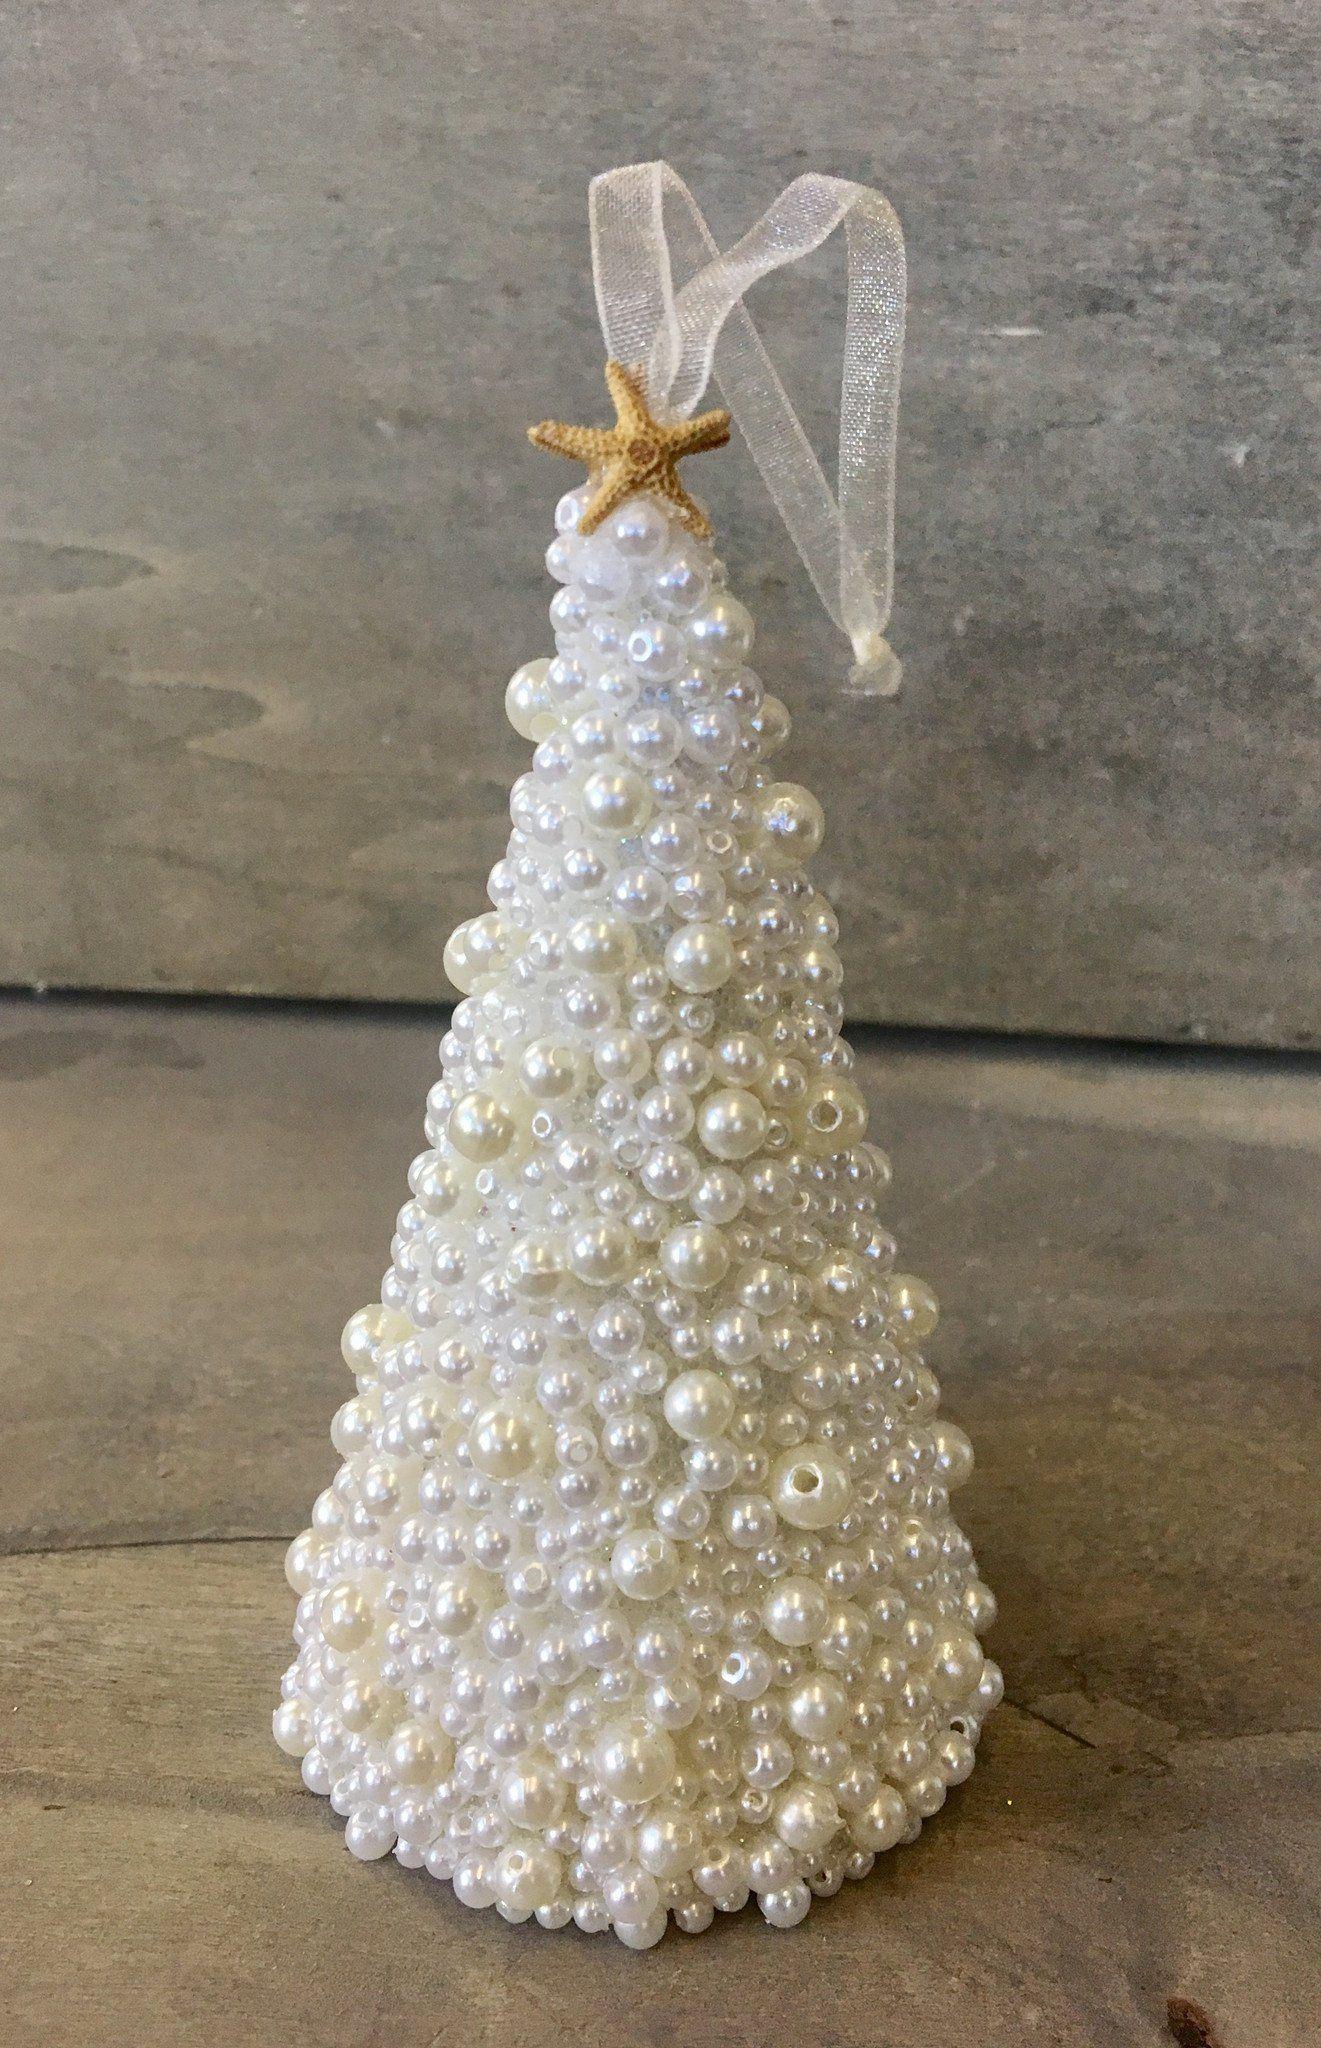 Ventura Christmas Tree Lighting 2020 Ocean Pearl Ornaments – Sea Things Ventura in 2020 | Christmas